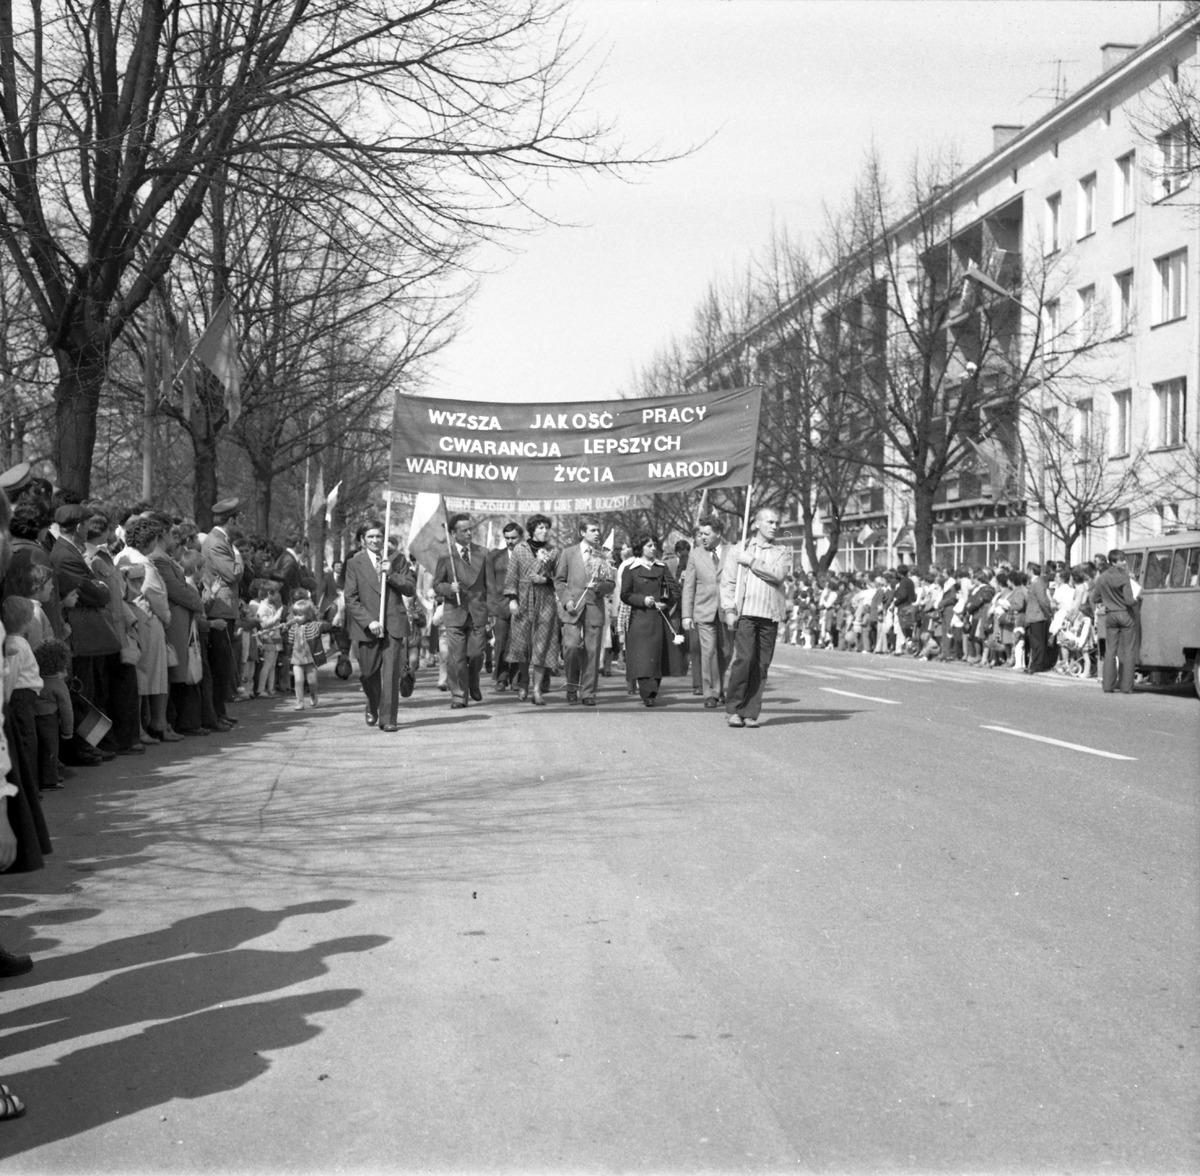 Święto Pracy, 1977 r.